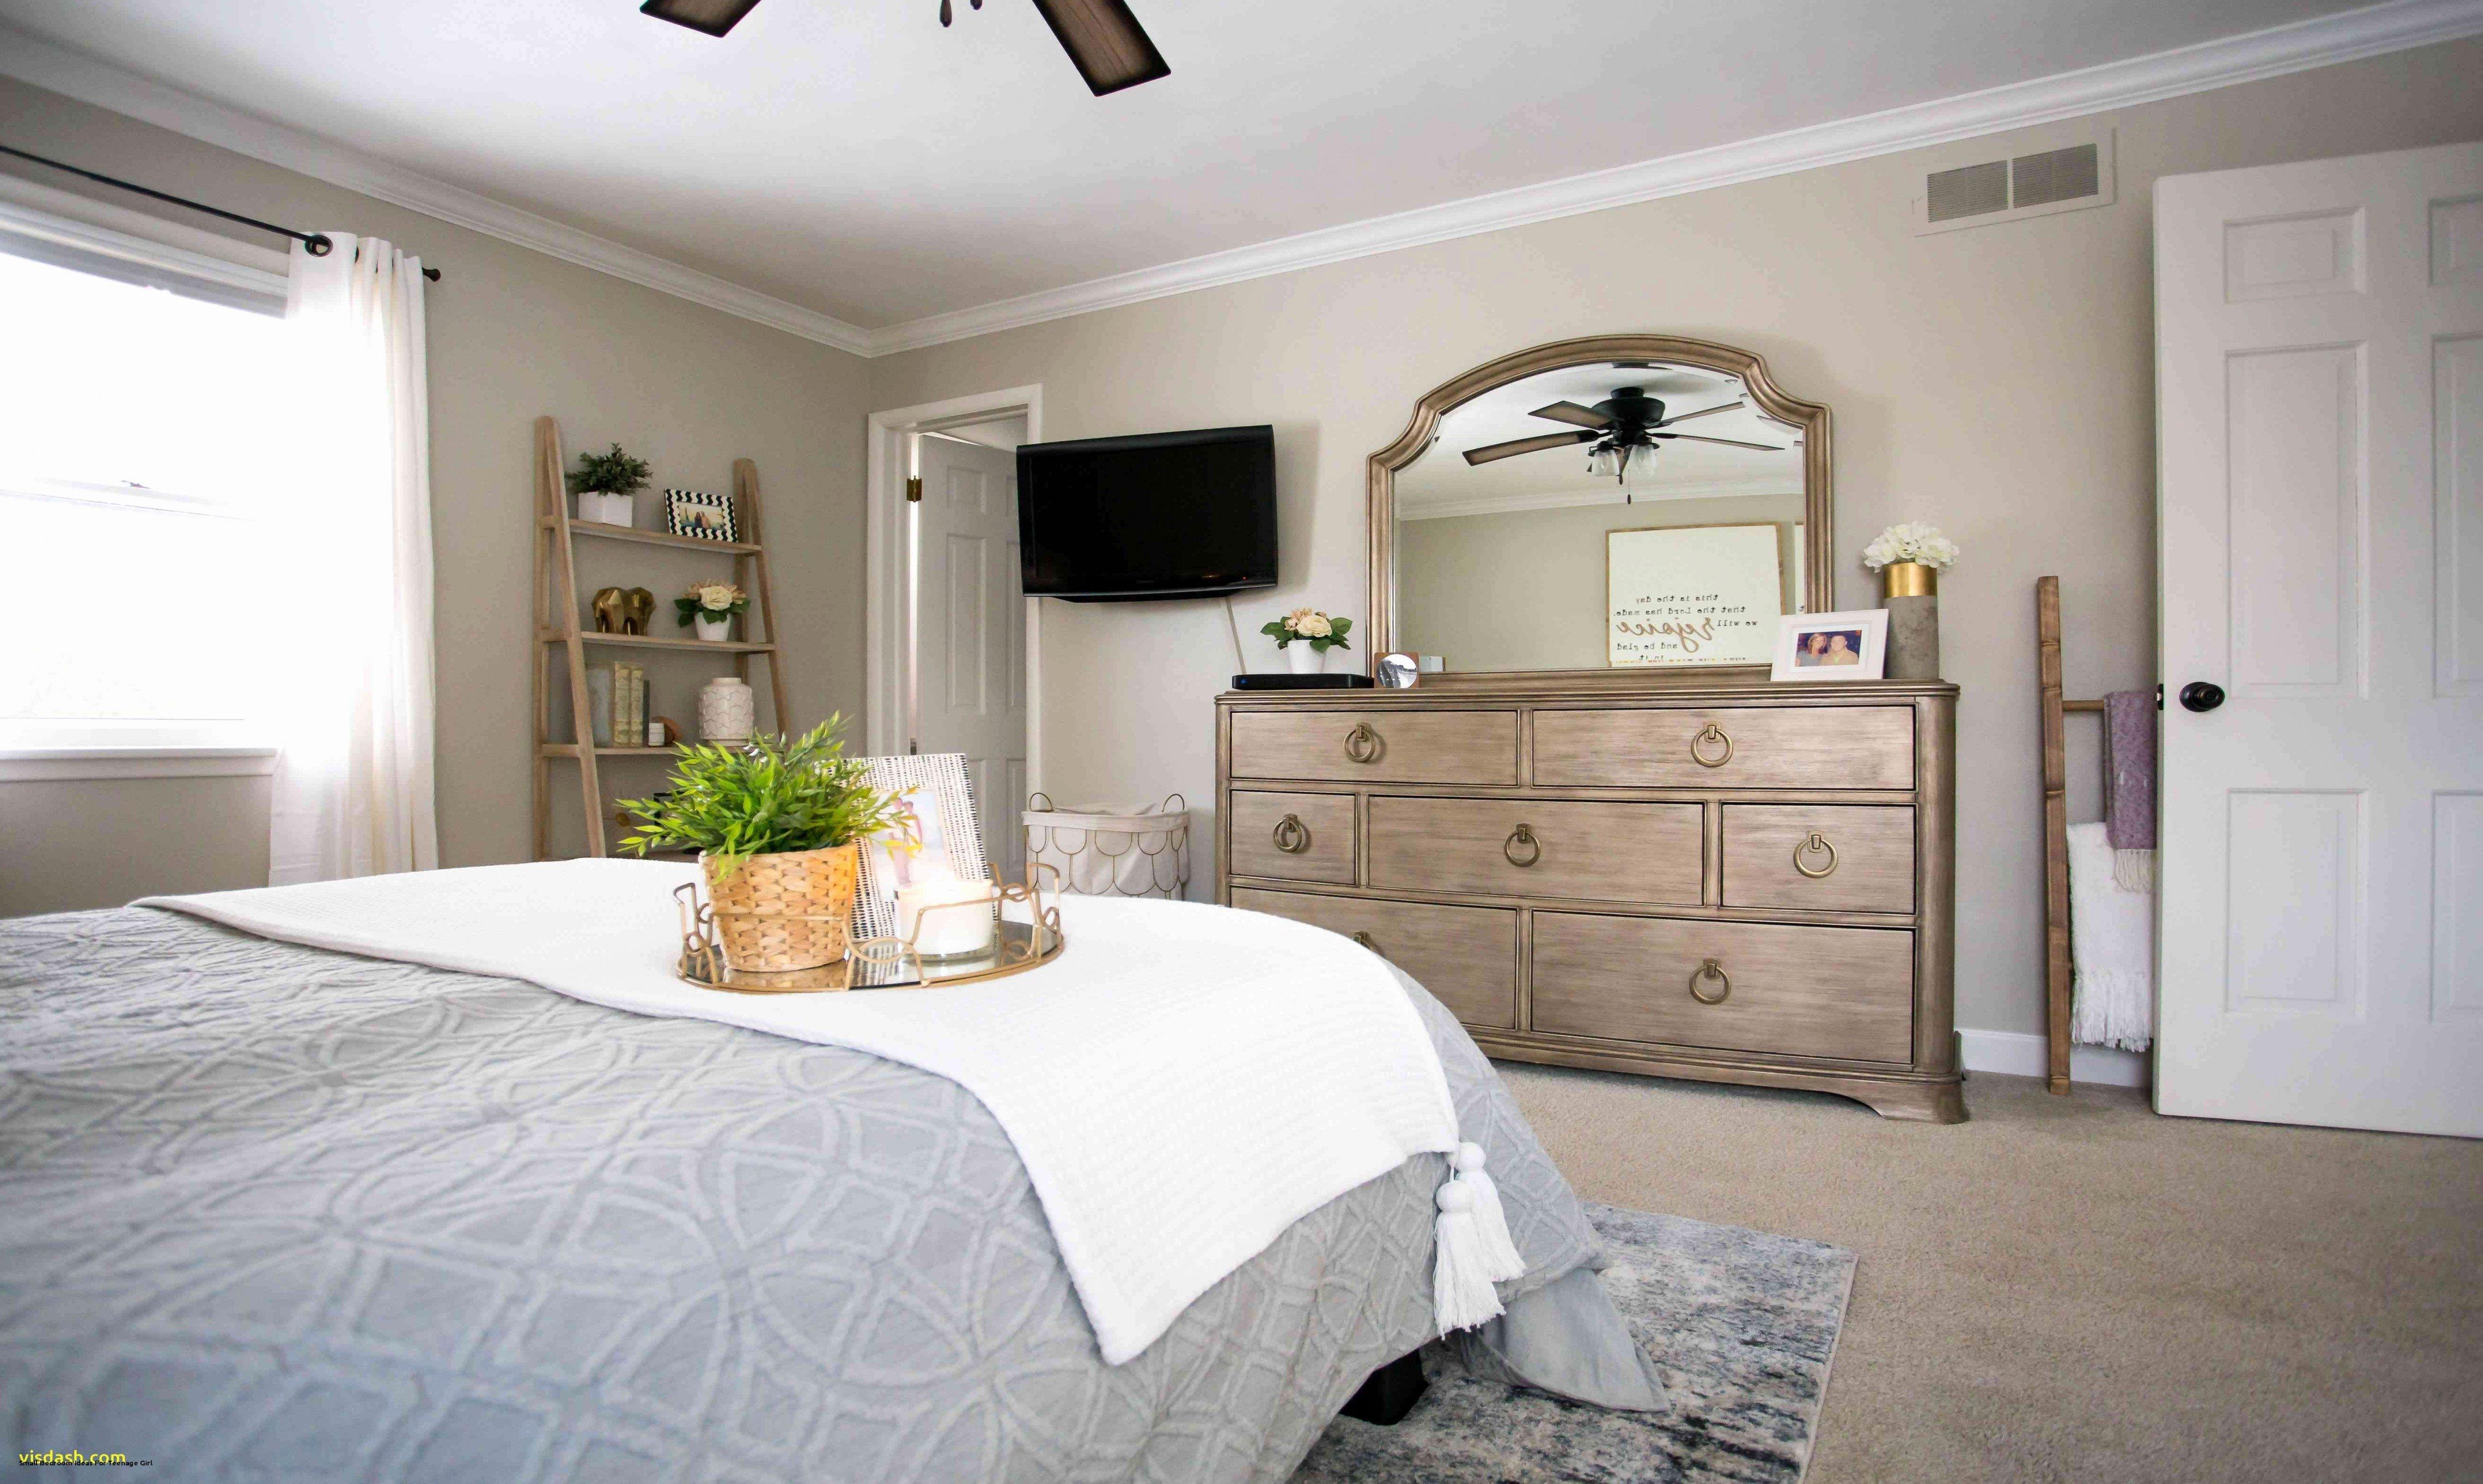 Teenage Girl Bedroom Ideas Beautiful Teen Girls Bedroom Ideas 49 Inspirational Bedroom Ideas for